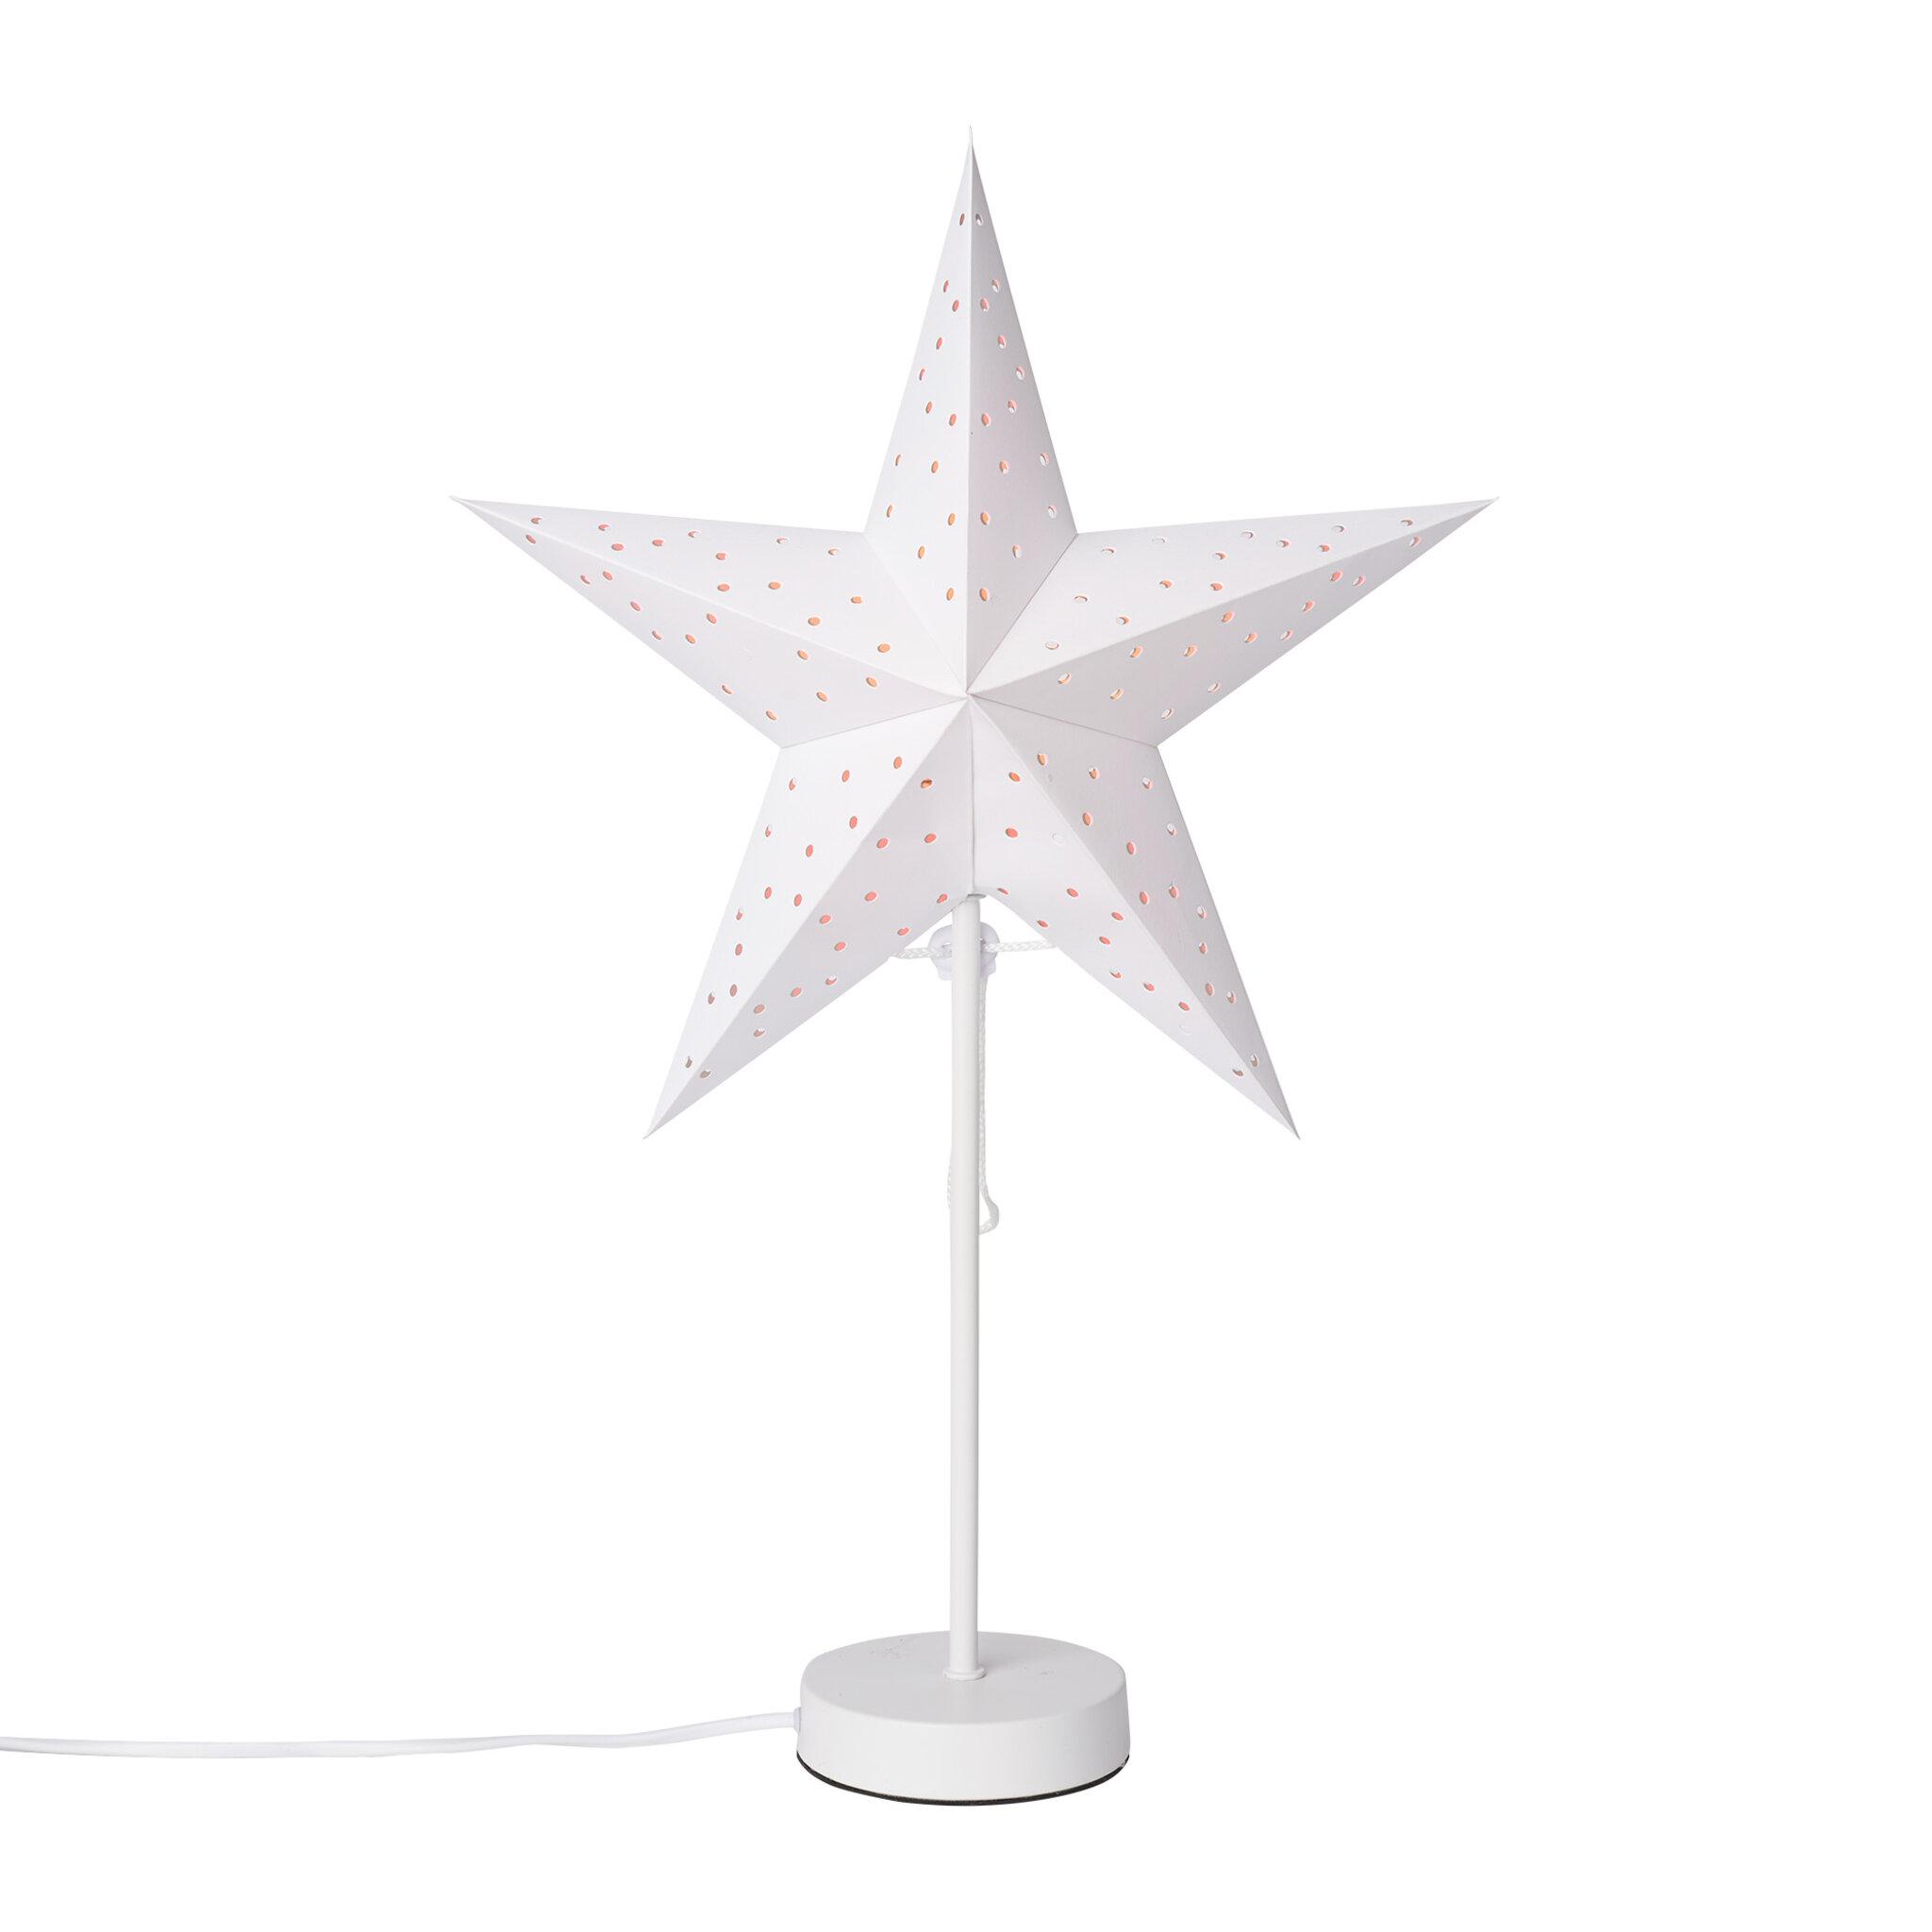 Papperstjärna på fot 35 cm